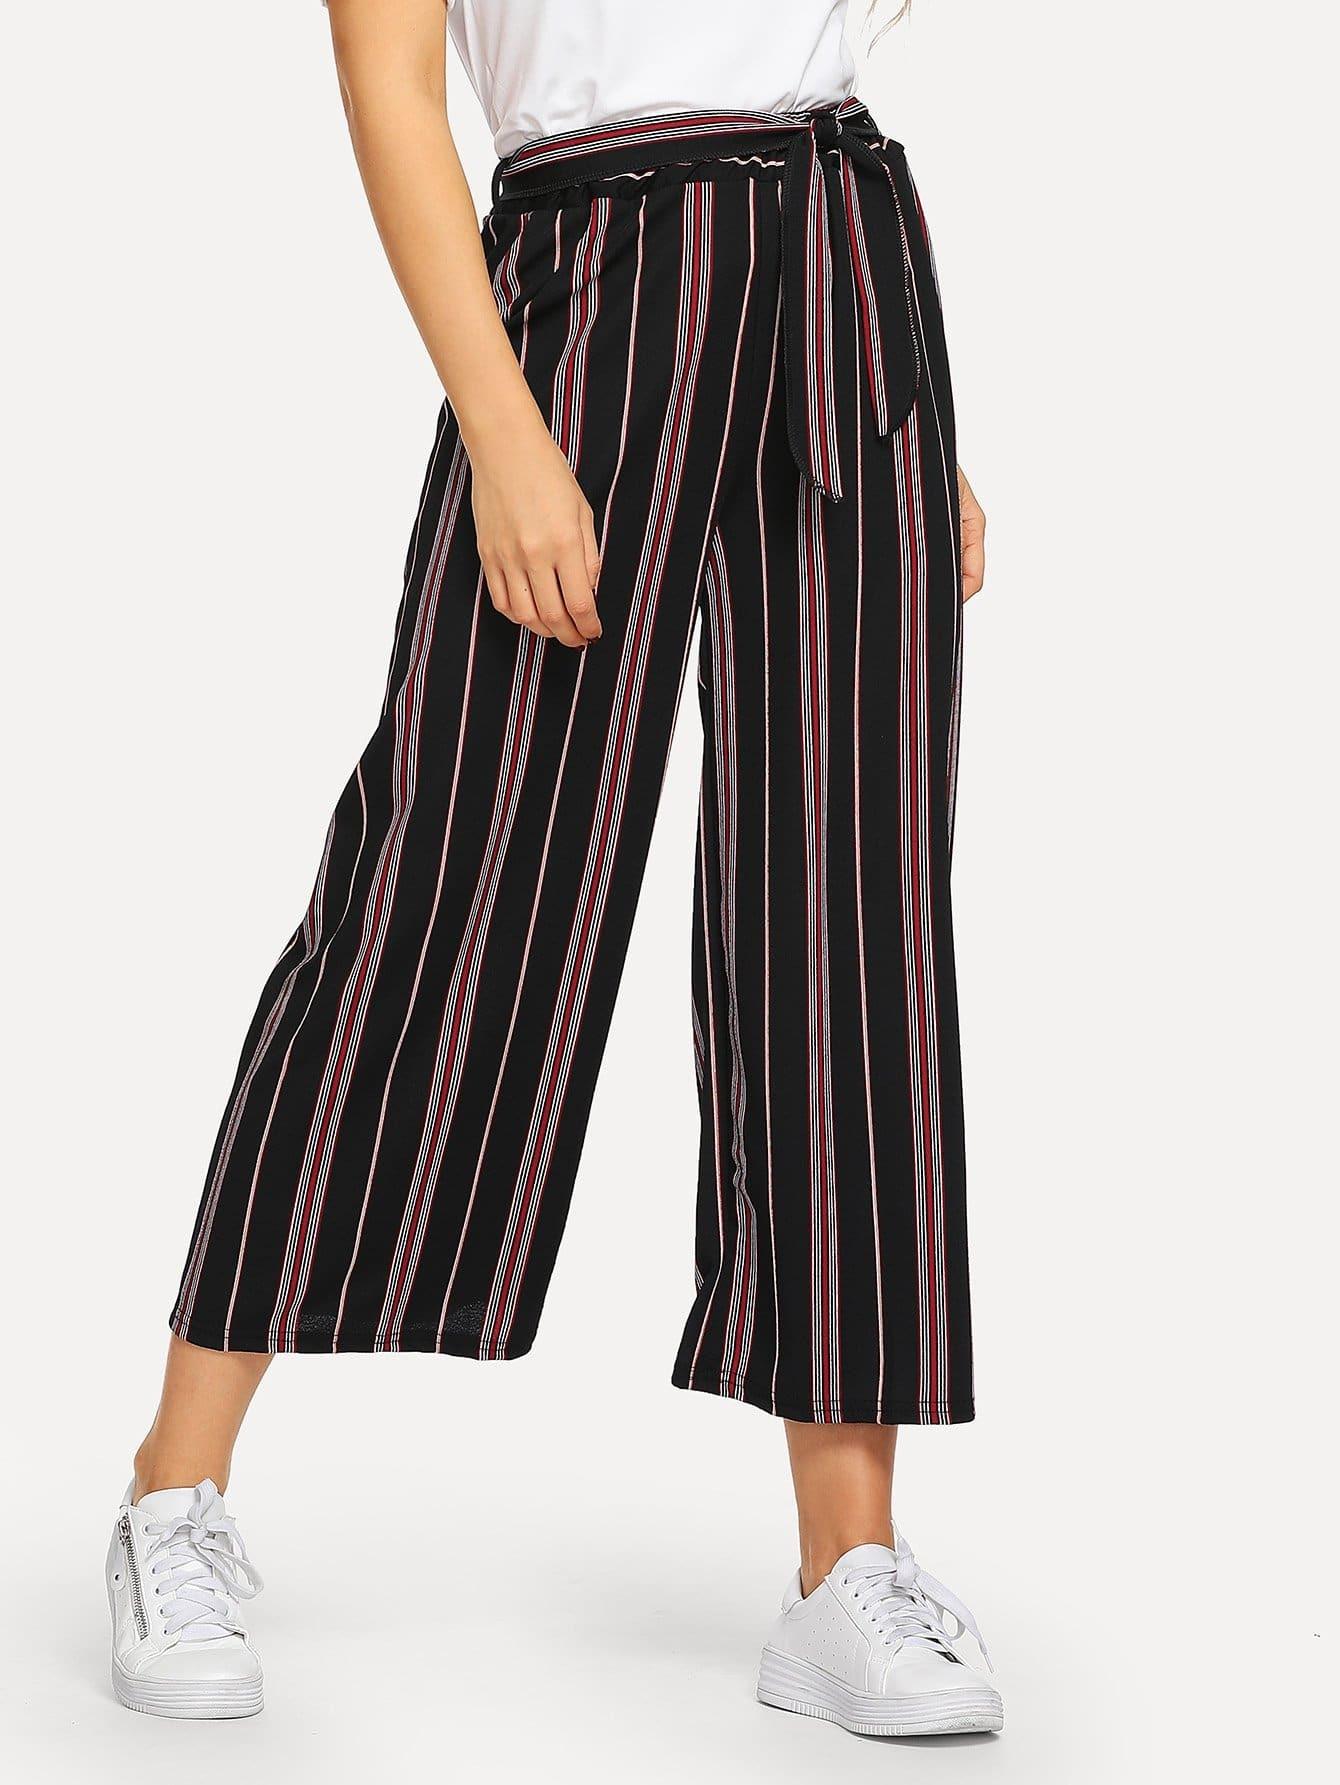 Купить Полосатые широкие ножные штаны и с поясом, SUSU, SheIn